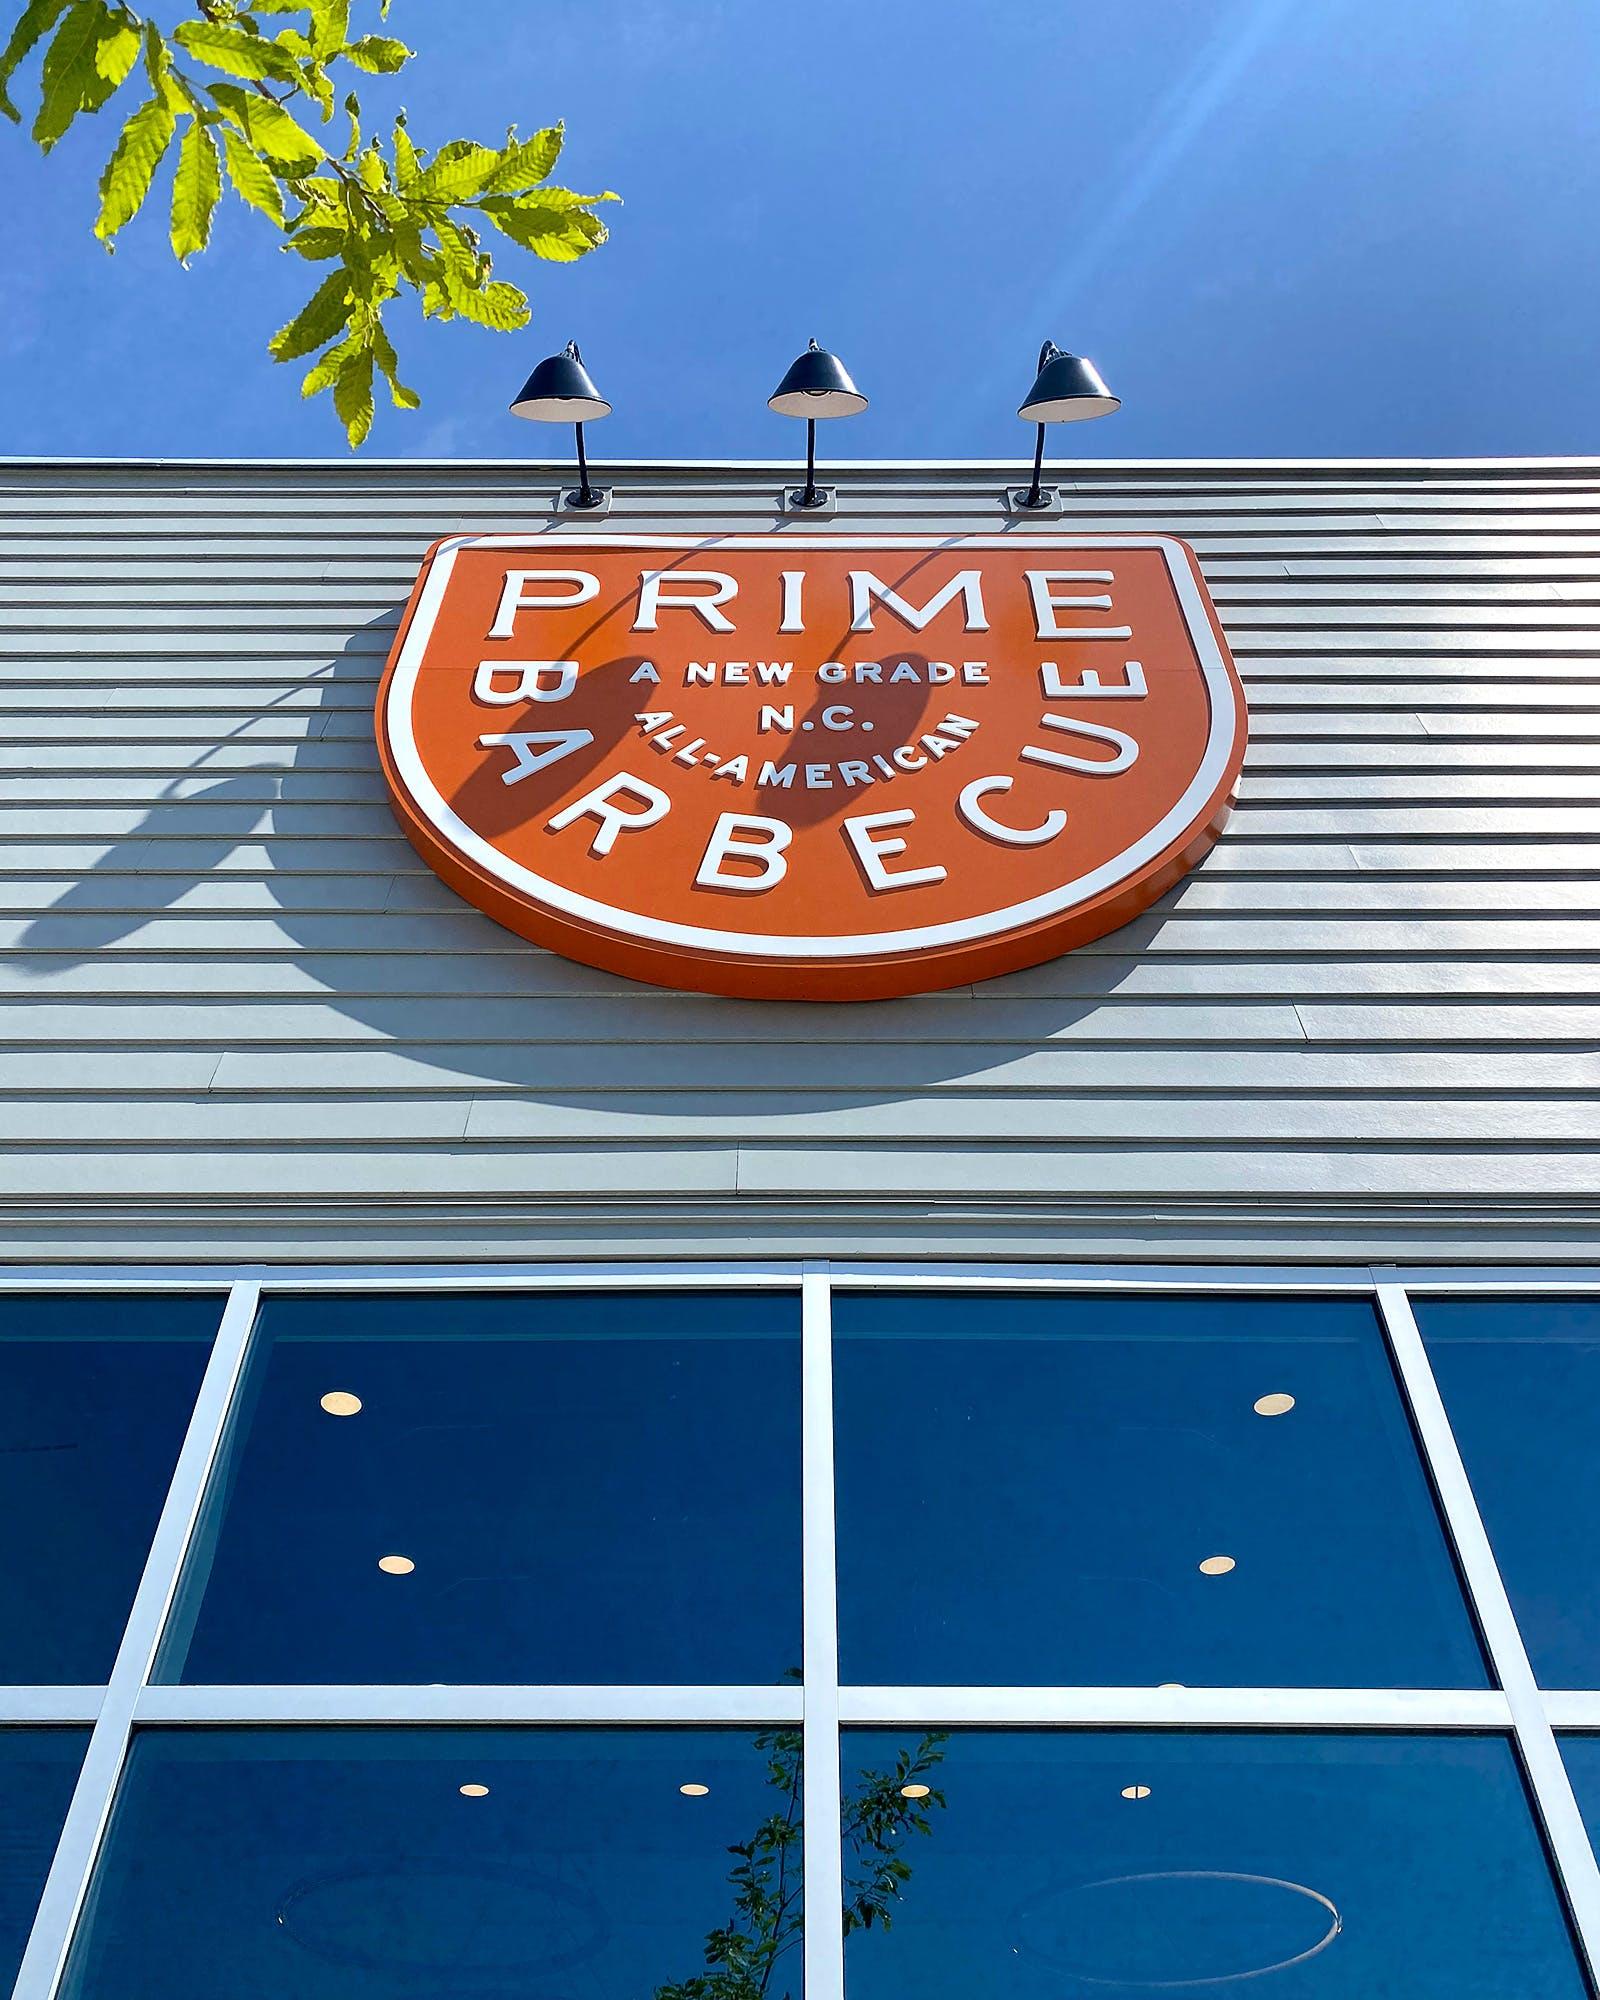 Prime Barbecue